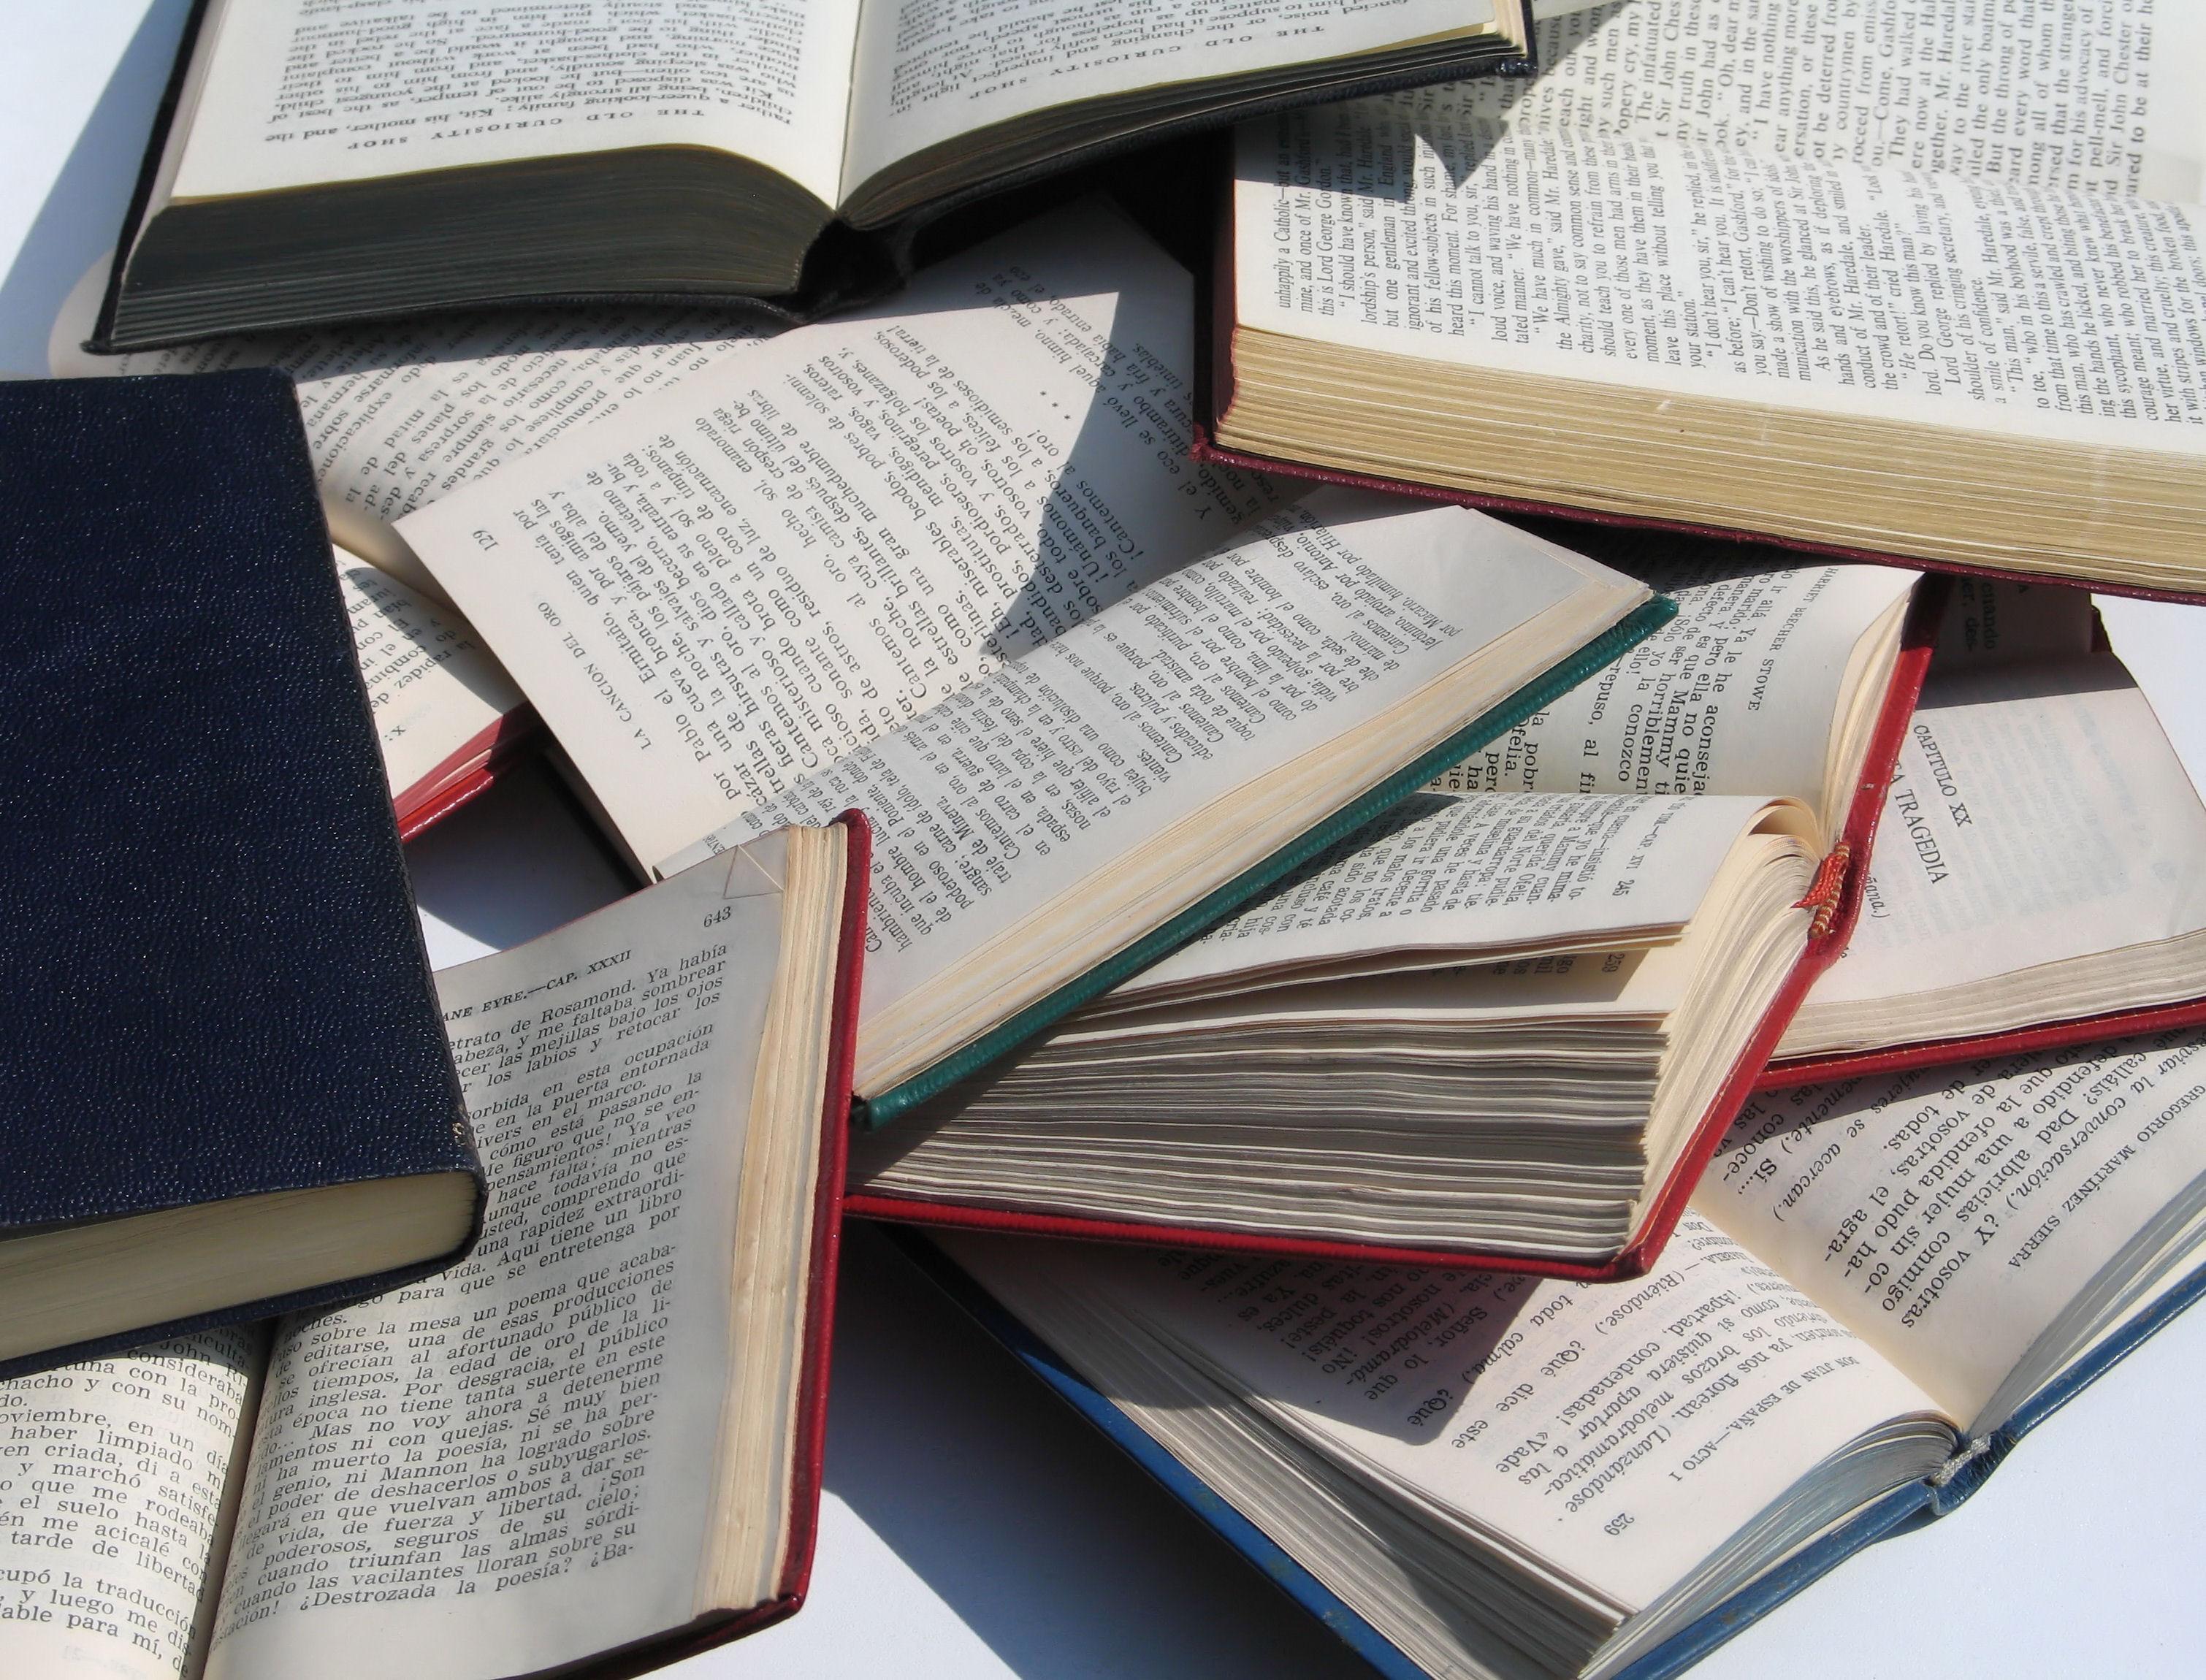 Progetto #ioleggoperché: al via la donazione di libri al Roncalli